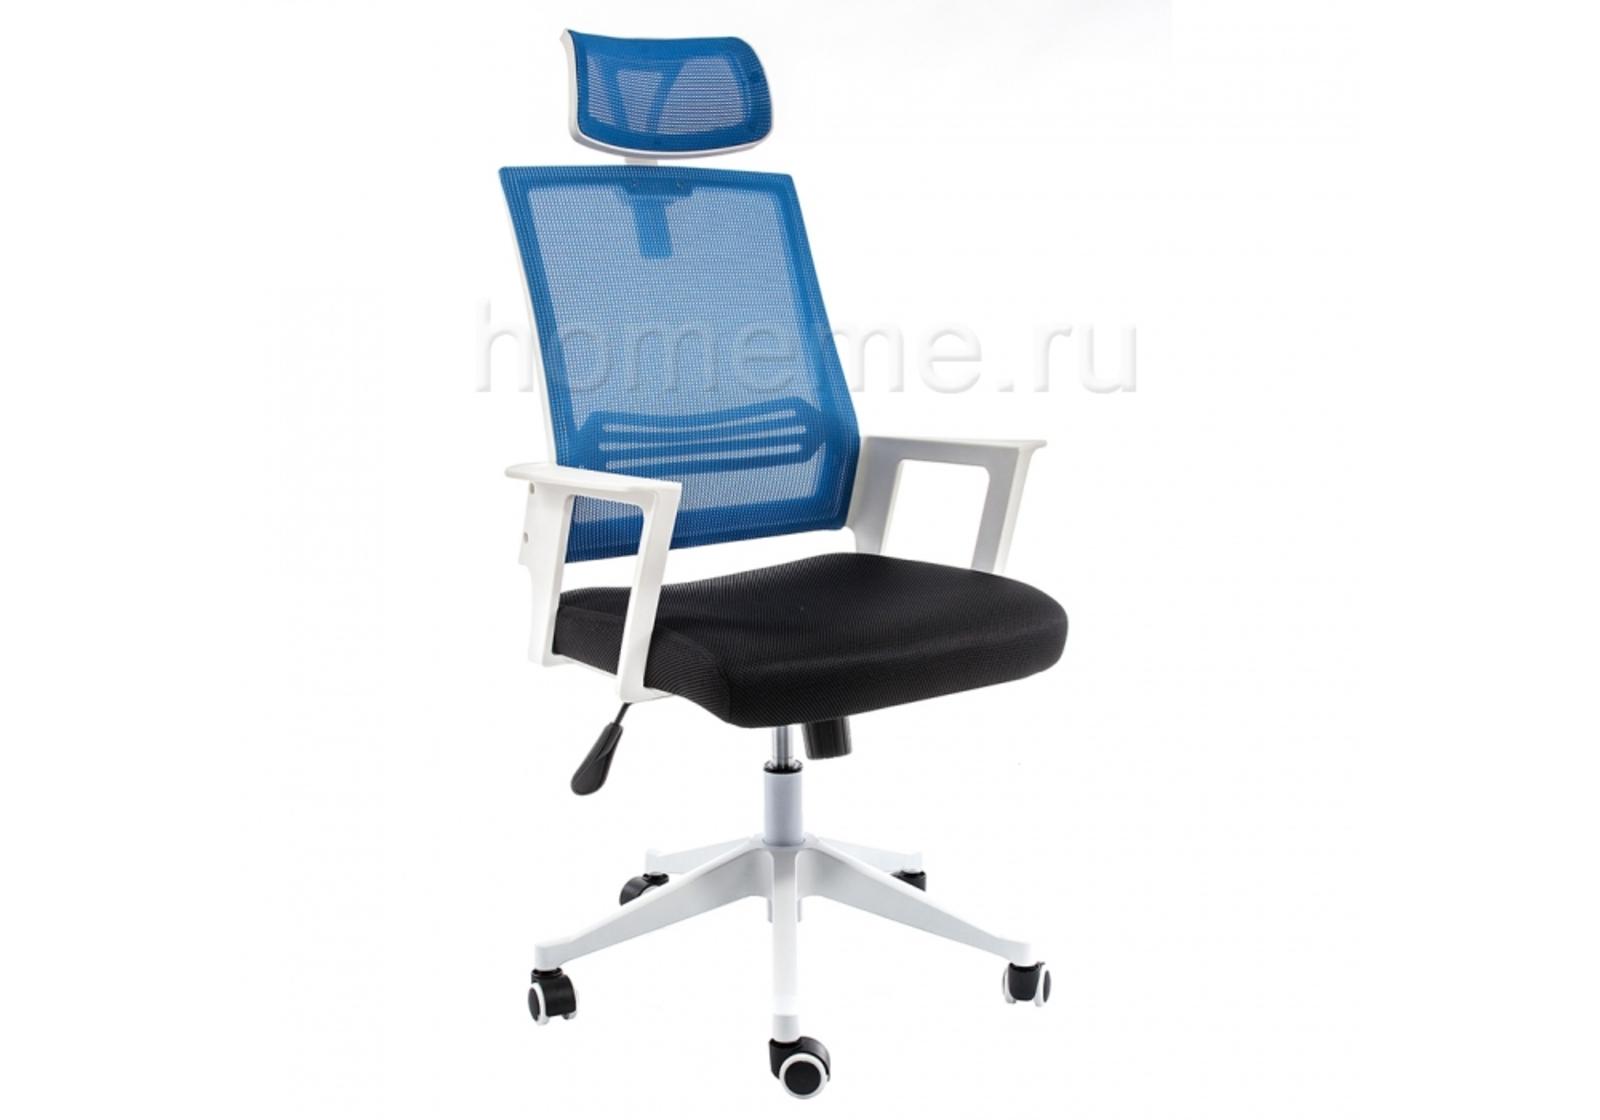 Кресло для офиса HomeMe Dreamer белое / черное / голубое 1984 от Homeme.ru